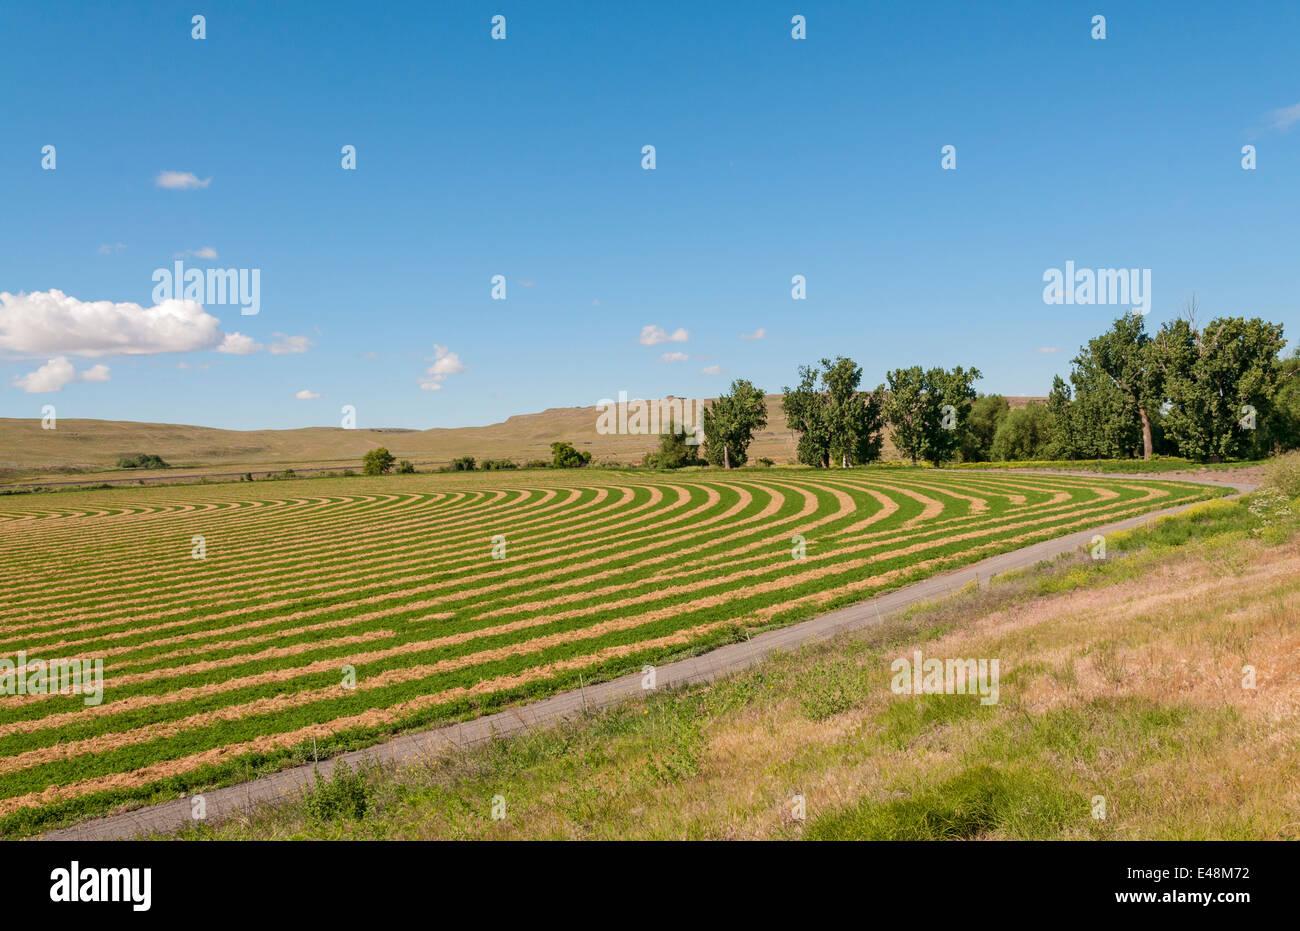 Washington, The Palouse, Bauernhof, Kontur, Landwirtschaft, Pflügen Stockbild